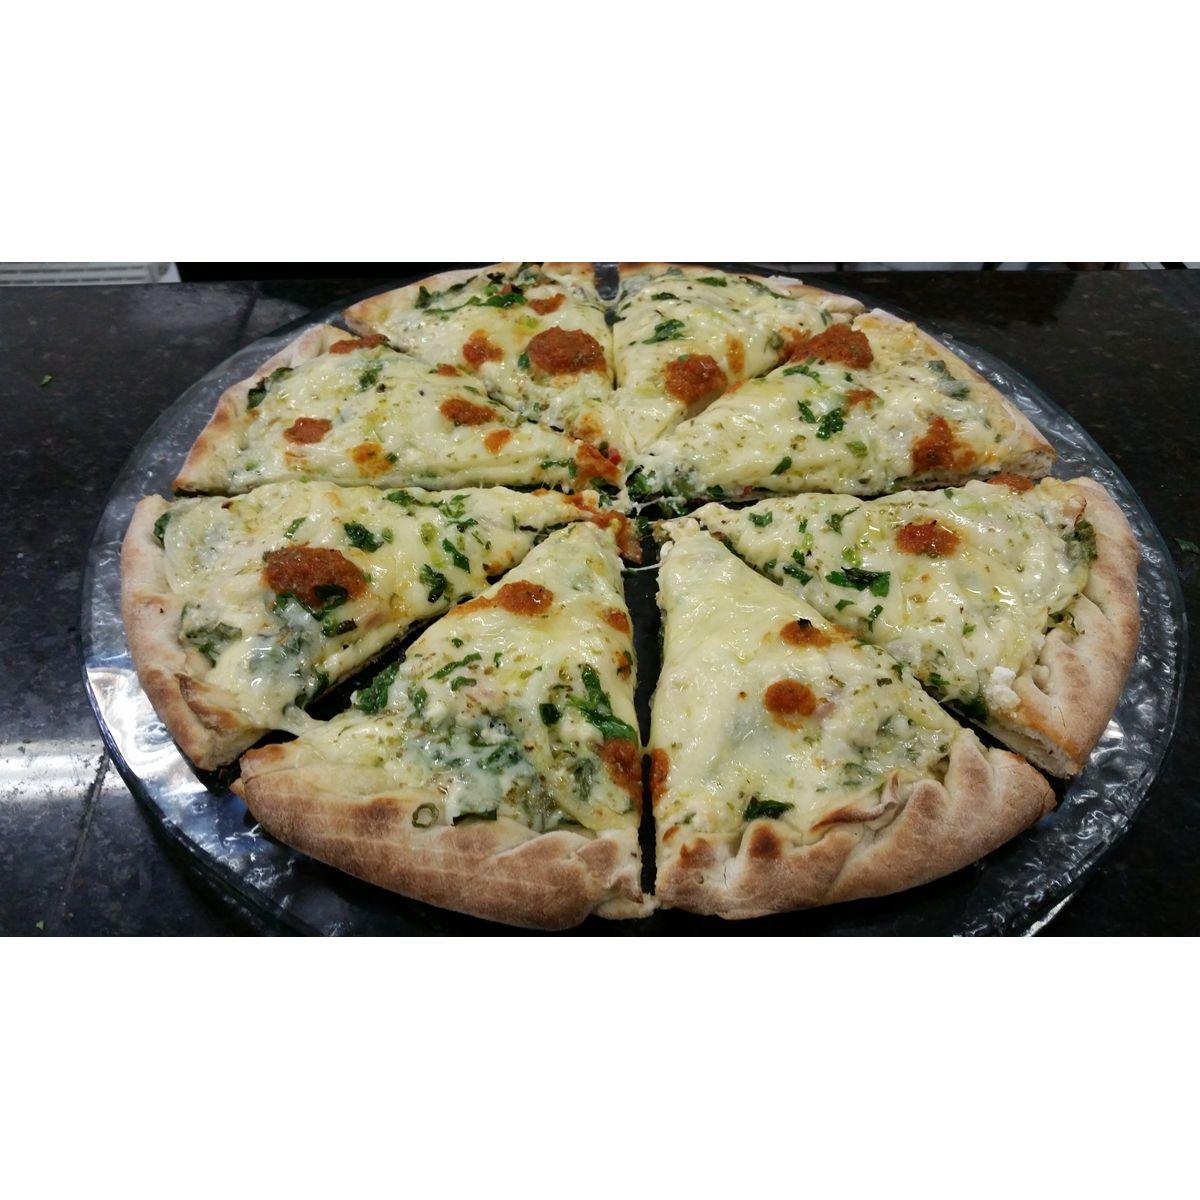 MARCADOR DE PEDAÇO DE PIZZA 35 CM P/ 05, 06, 08, 10, 12 PEDAÇOS.  - Fórum de Pizzas Vendas online